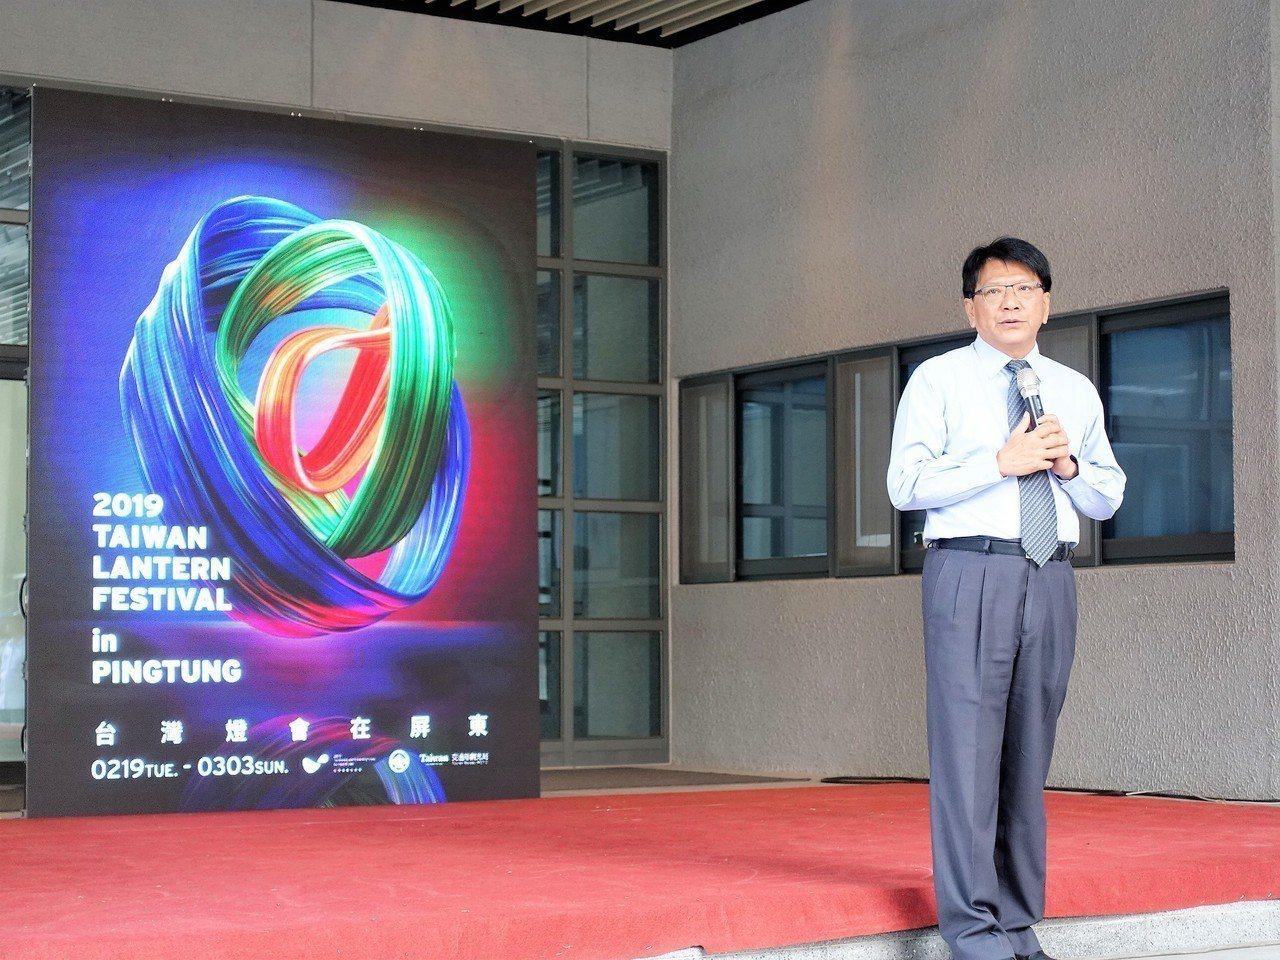 屏東縣政府公布明年台灣燈會主視覺,屏東縣長潘孟安也預告明年的燈會有別於傳統,將採...